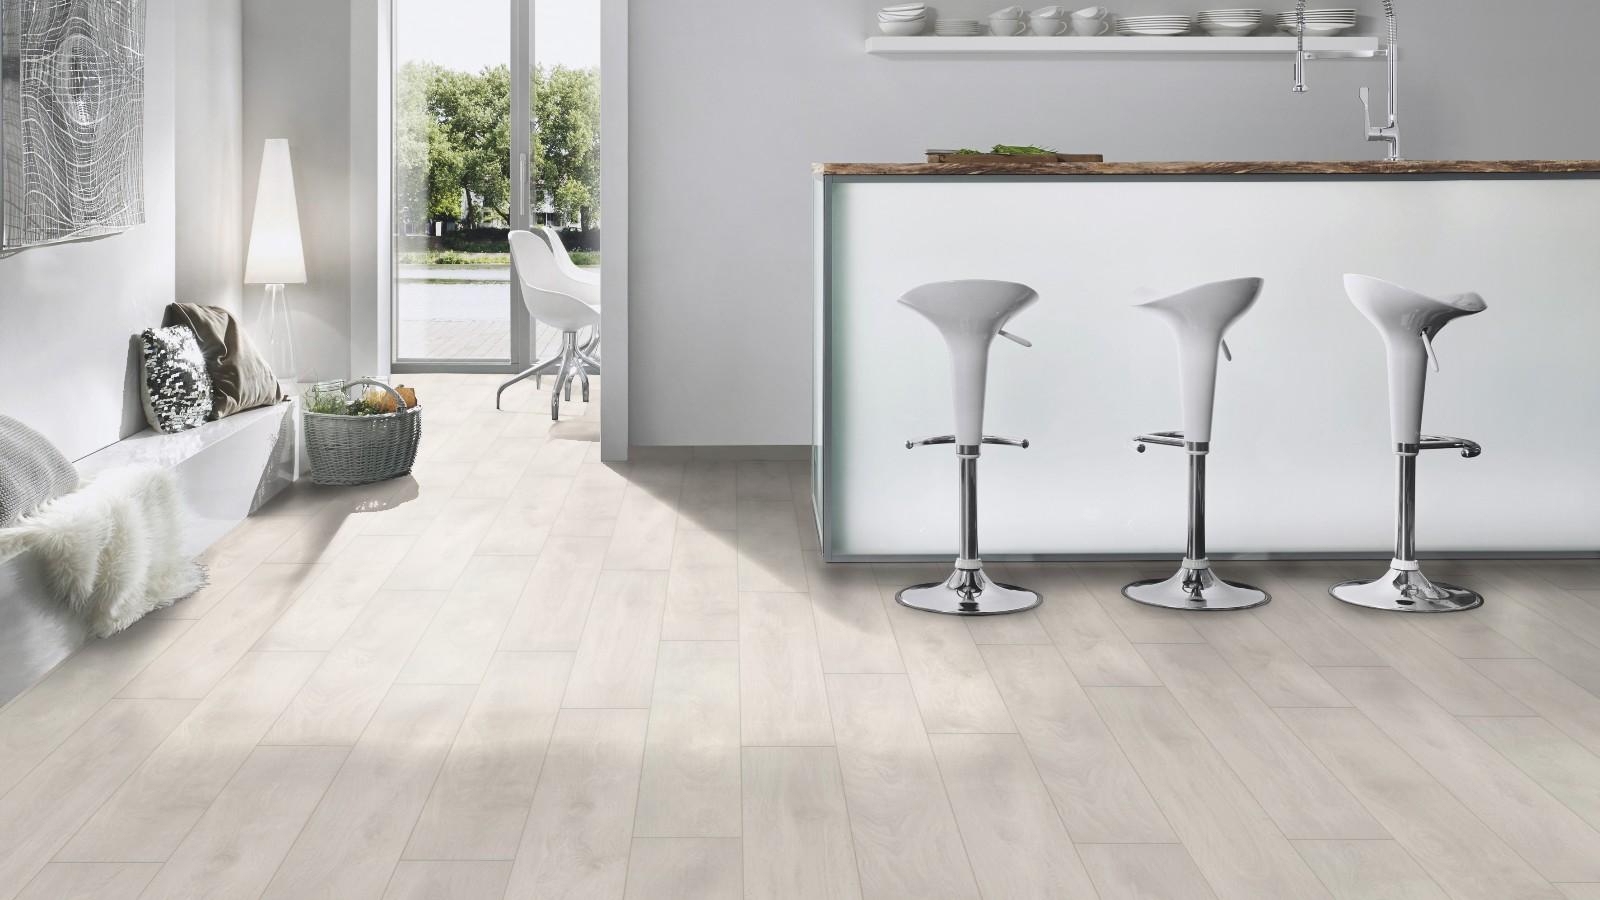 Pavimenti in parquet parquet laminati for Design del pavimento domestico